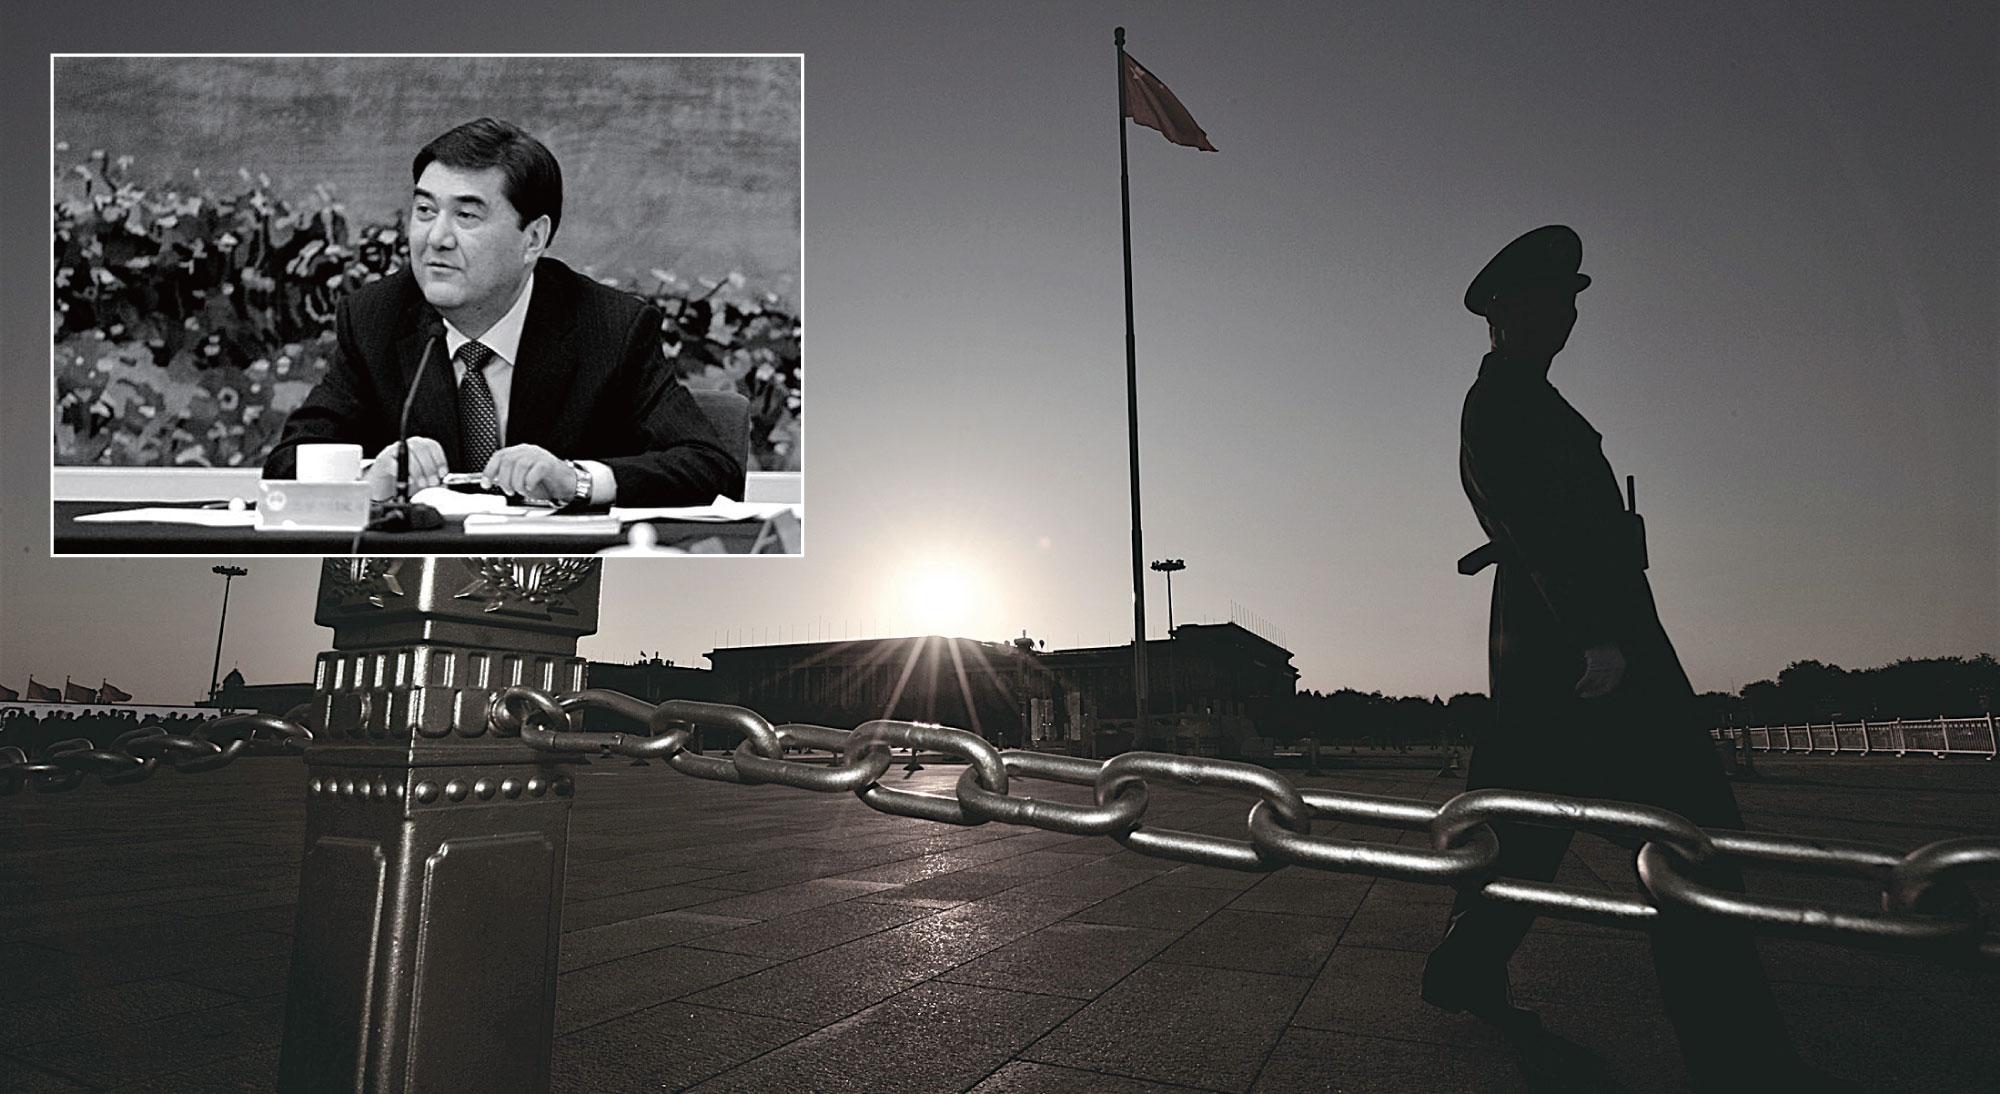 3月16日,中共發改委副主任、國家能源局局長努爾白克力因嚴重腐敗問題被開除黨籍和公職,移送司法機關。(MARK RALSTON/AFP/Getty Images;小圖:LIU JIN/AFP/Getty Images)